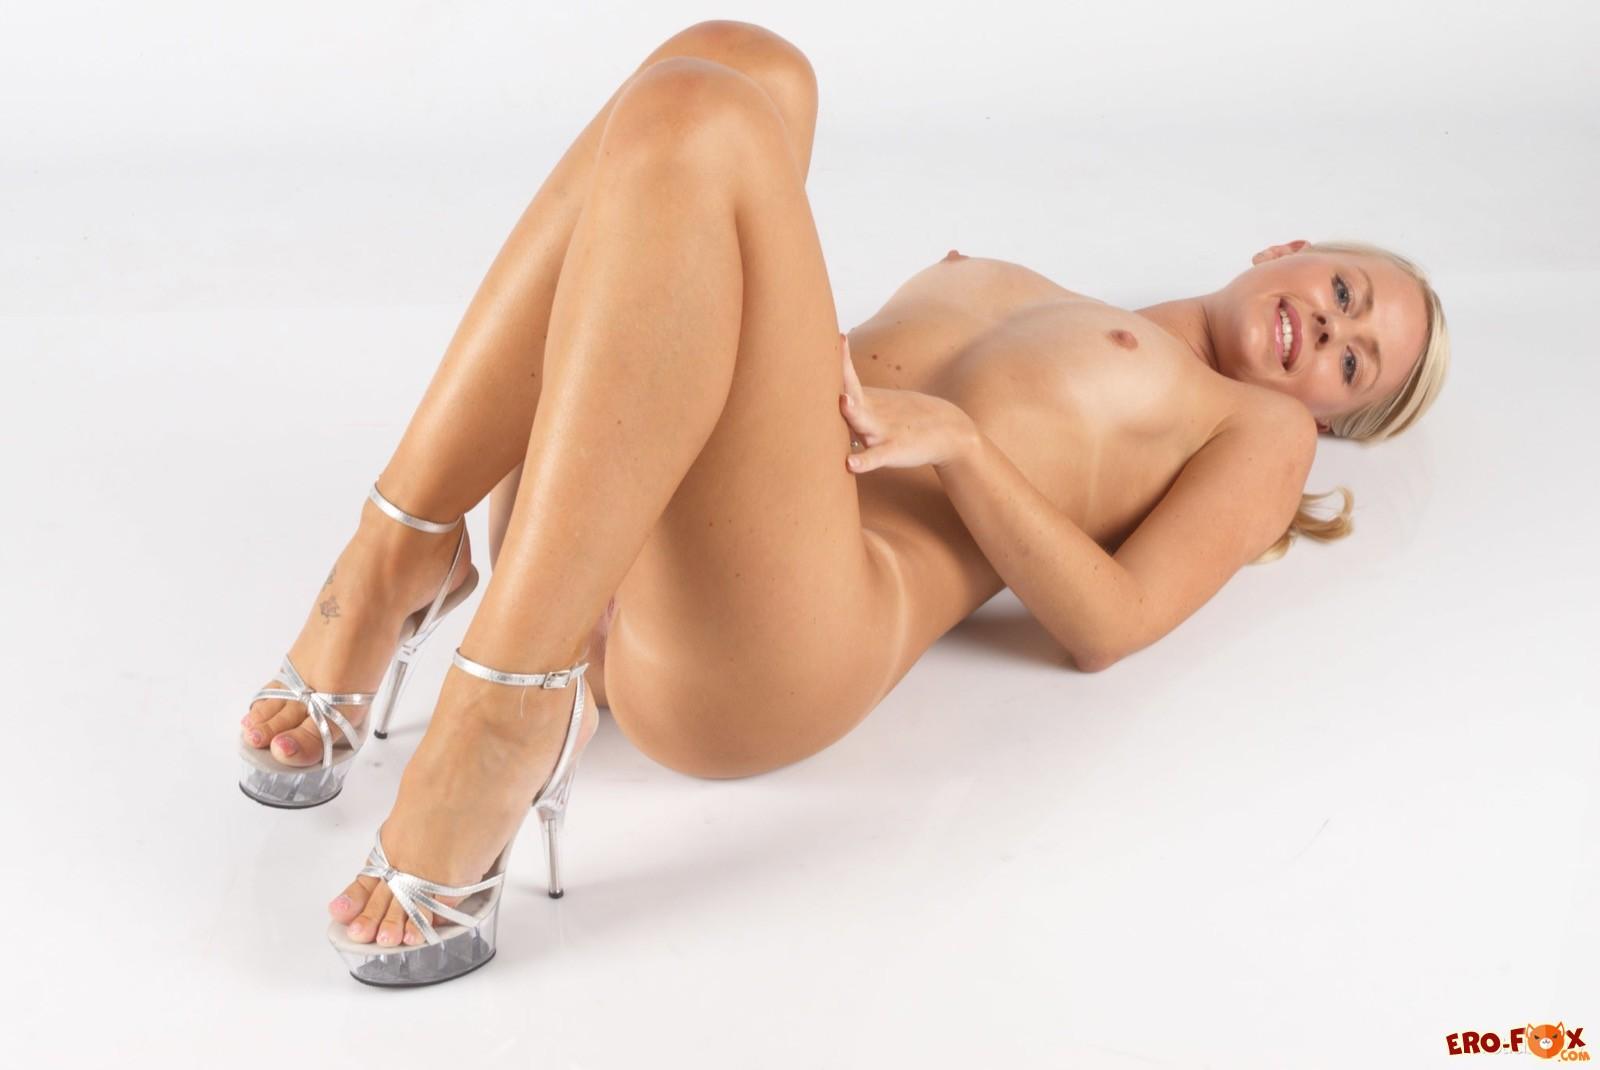 Красивая светловолосая девушка позирует на каблуках